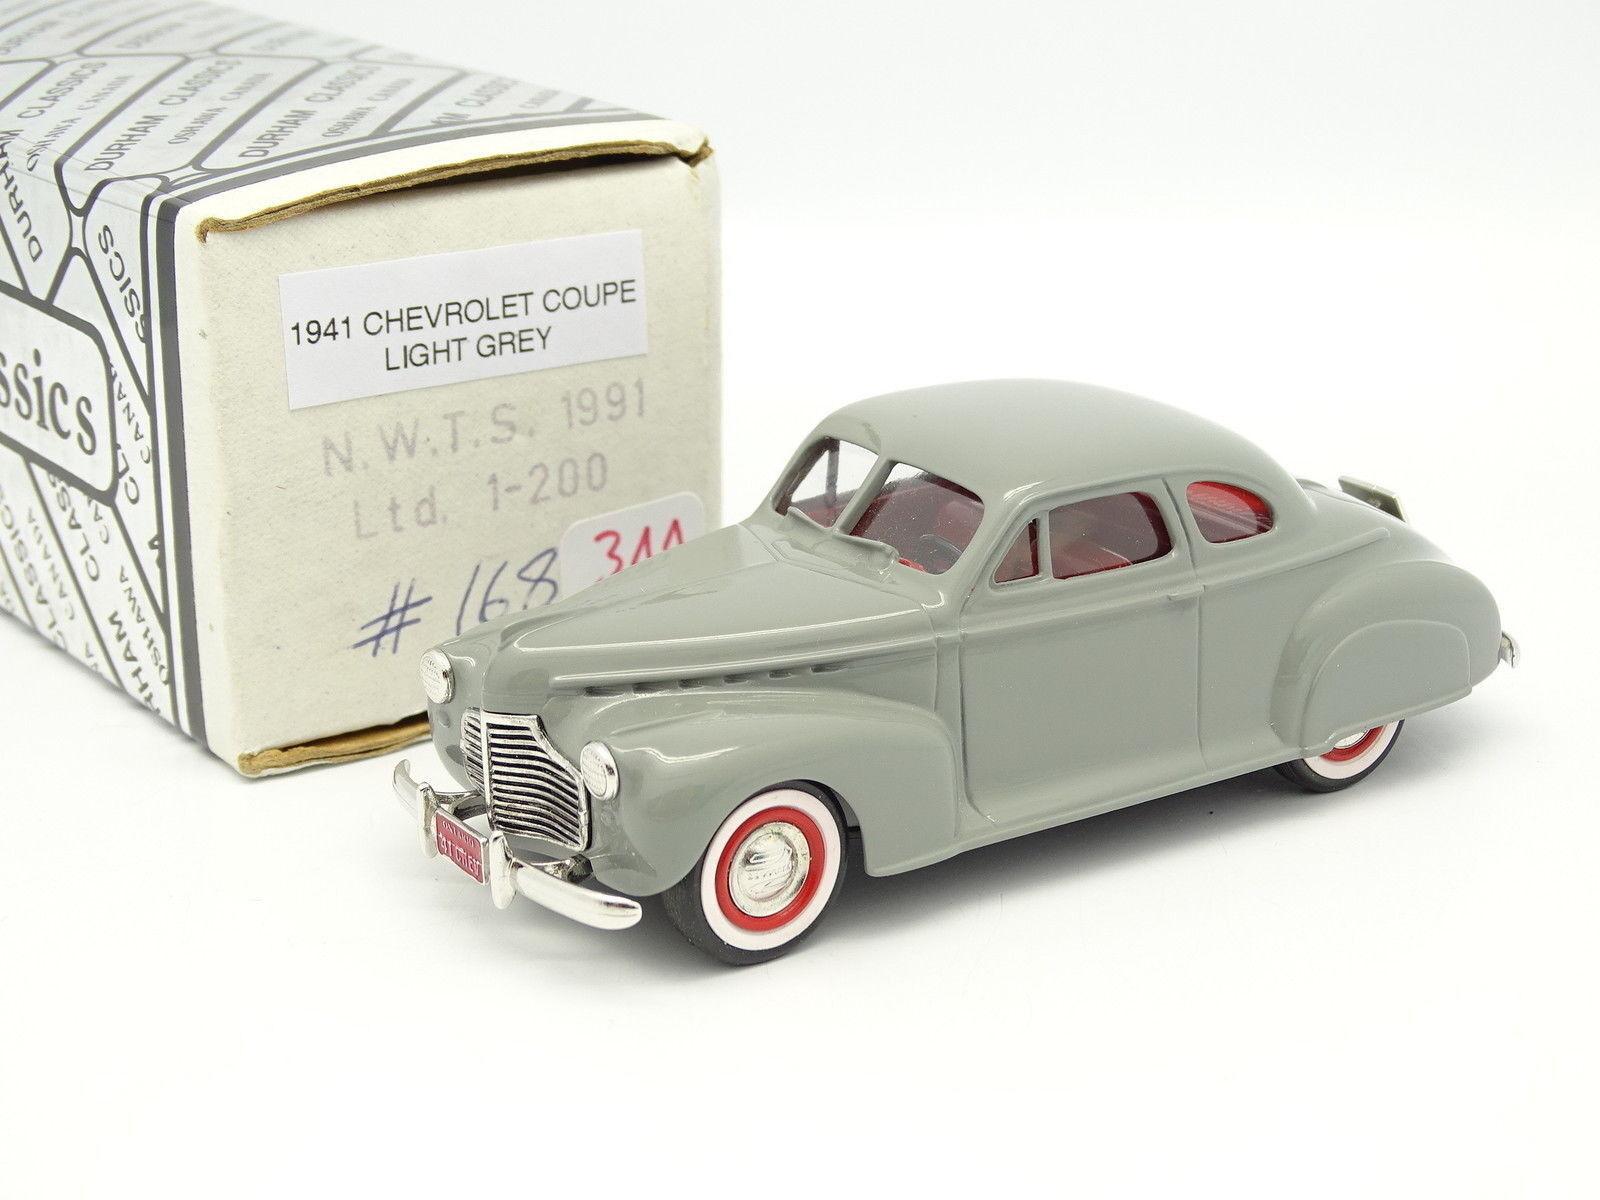 Durham classics 1 43 - CHEVROLET coupé 1941 grau nwts 1991